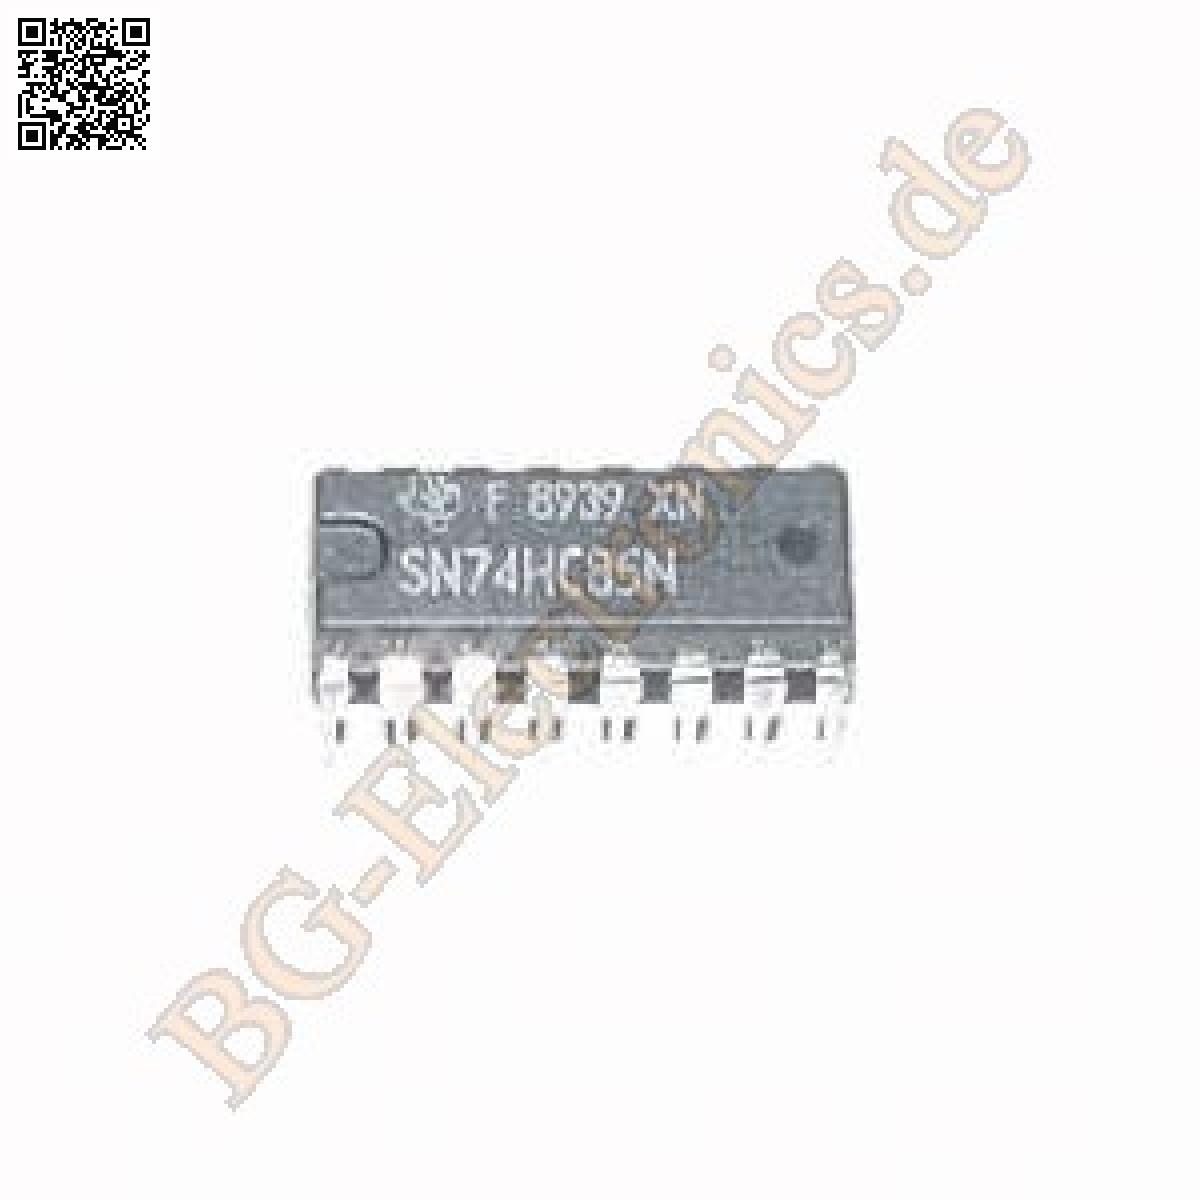 SN74HC85N, BG-ELECTRONICS SN74HC85N, SN74HC85, 74HC85N, 74HC85